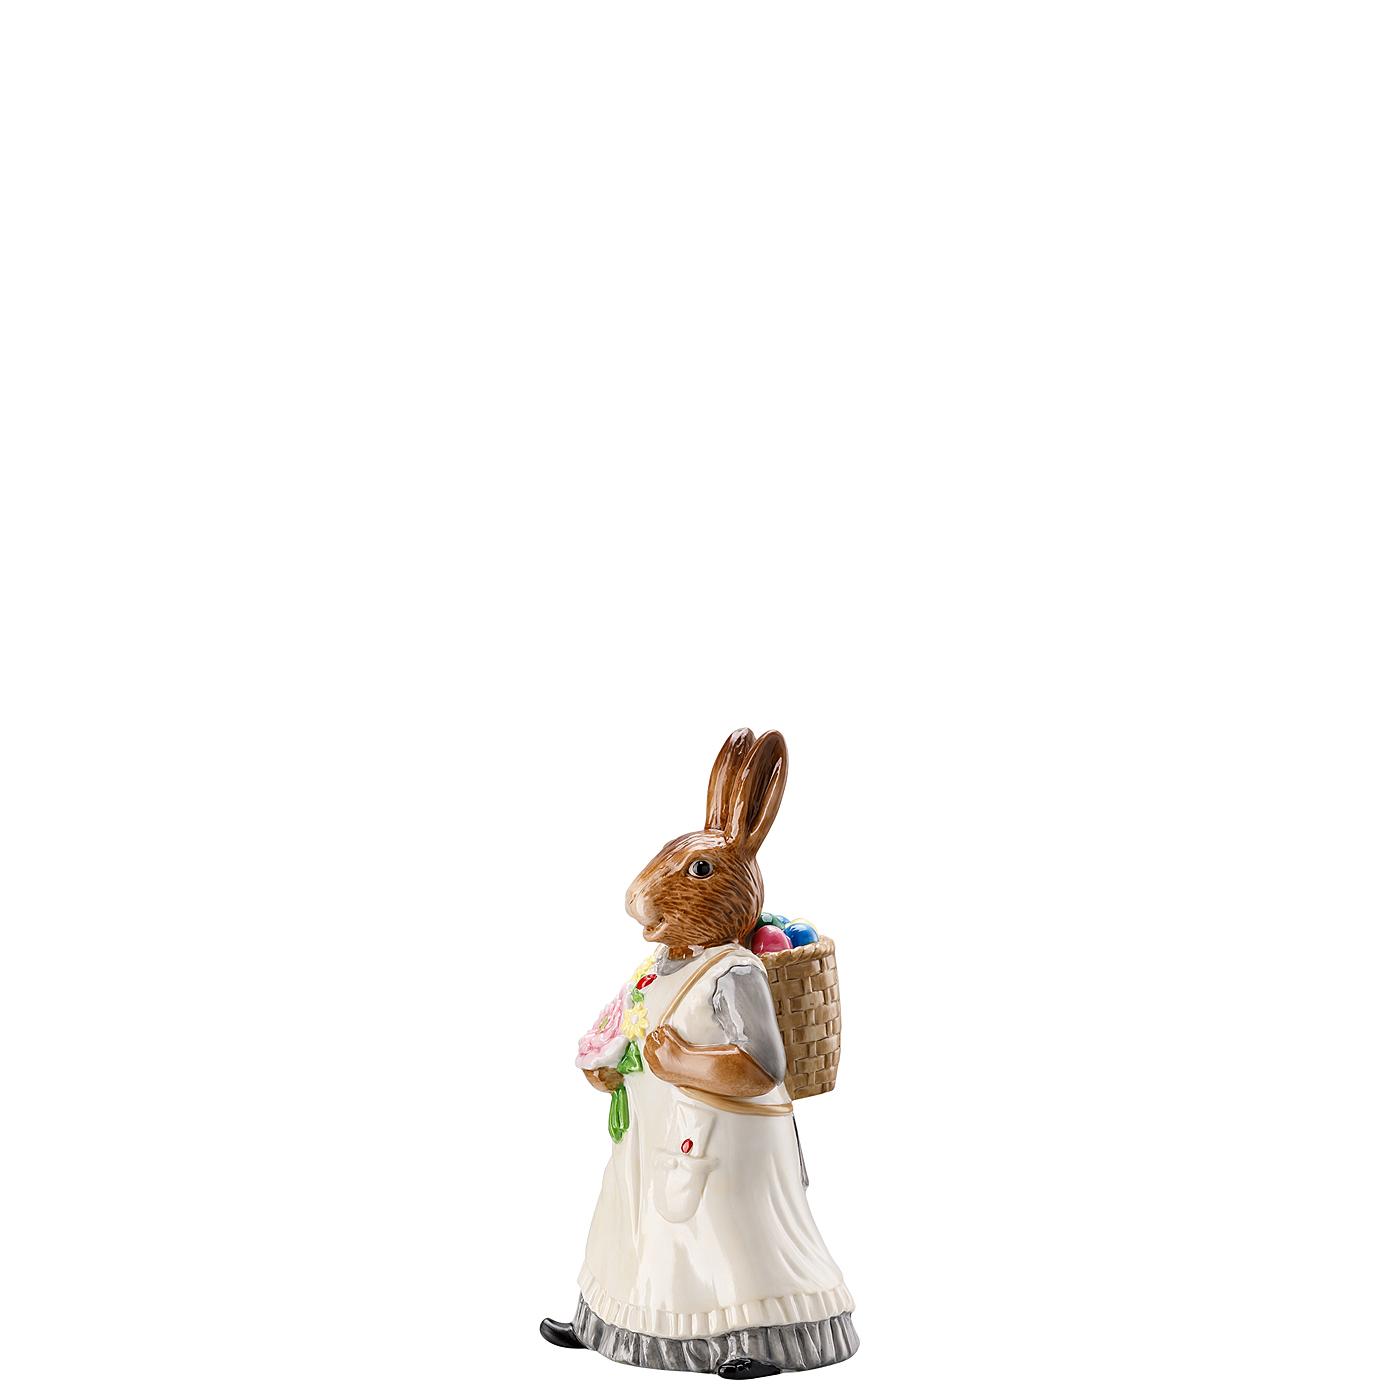 Hasenfrau mit Korb Hasenfiguren Dekoriert Hutschenreuther